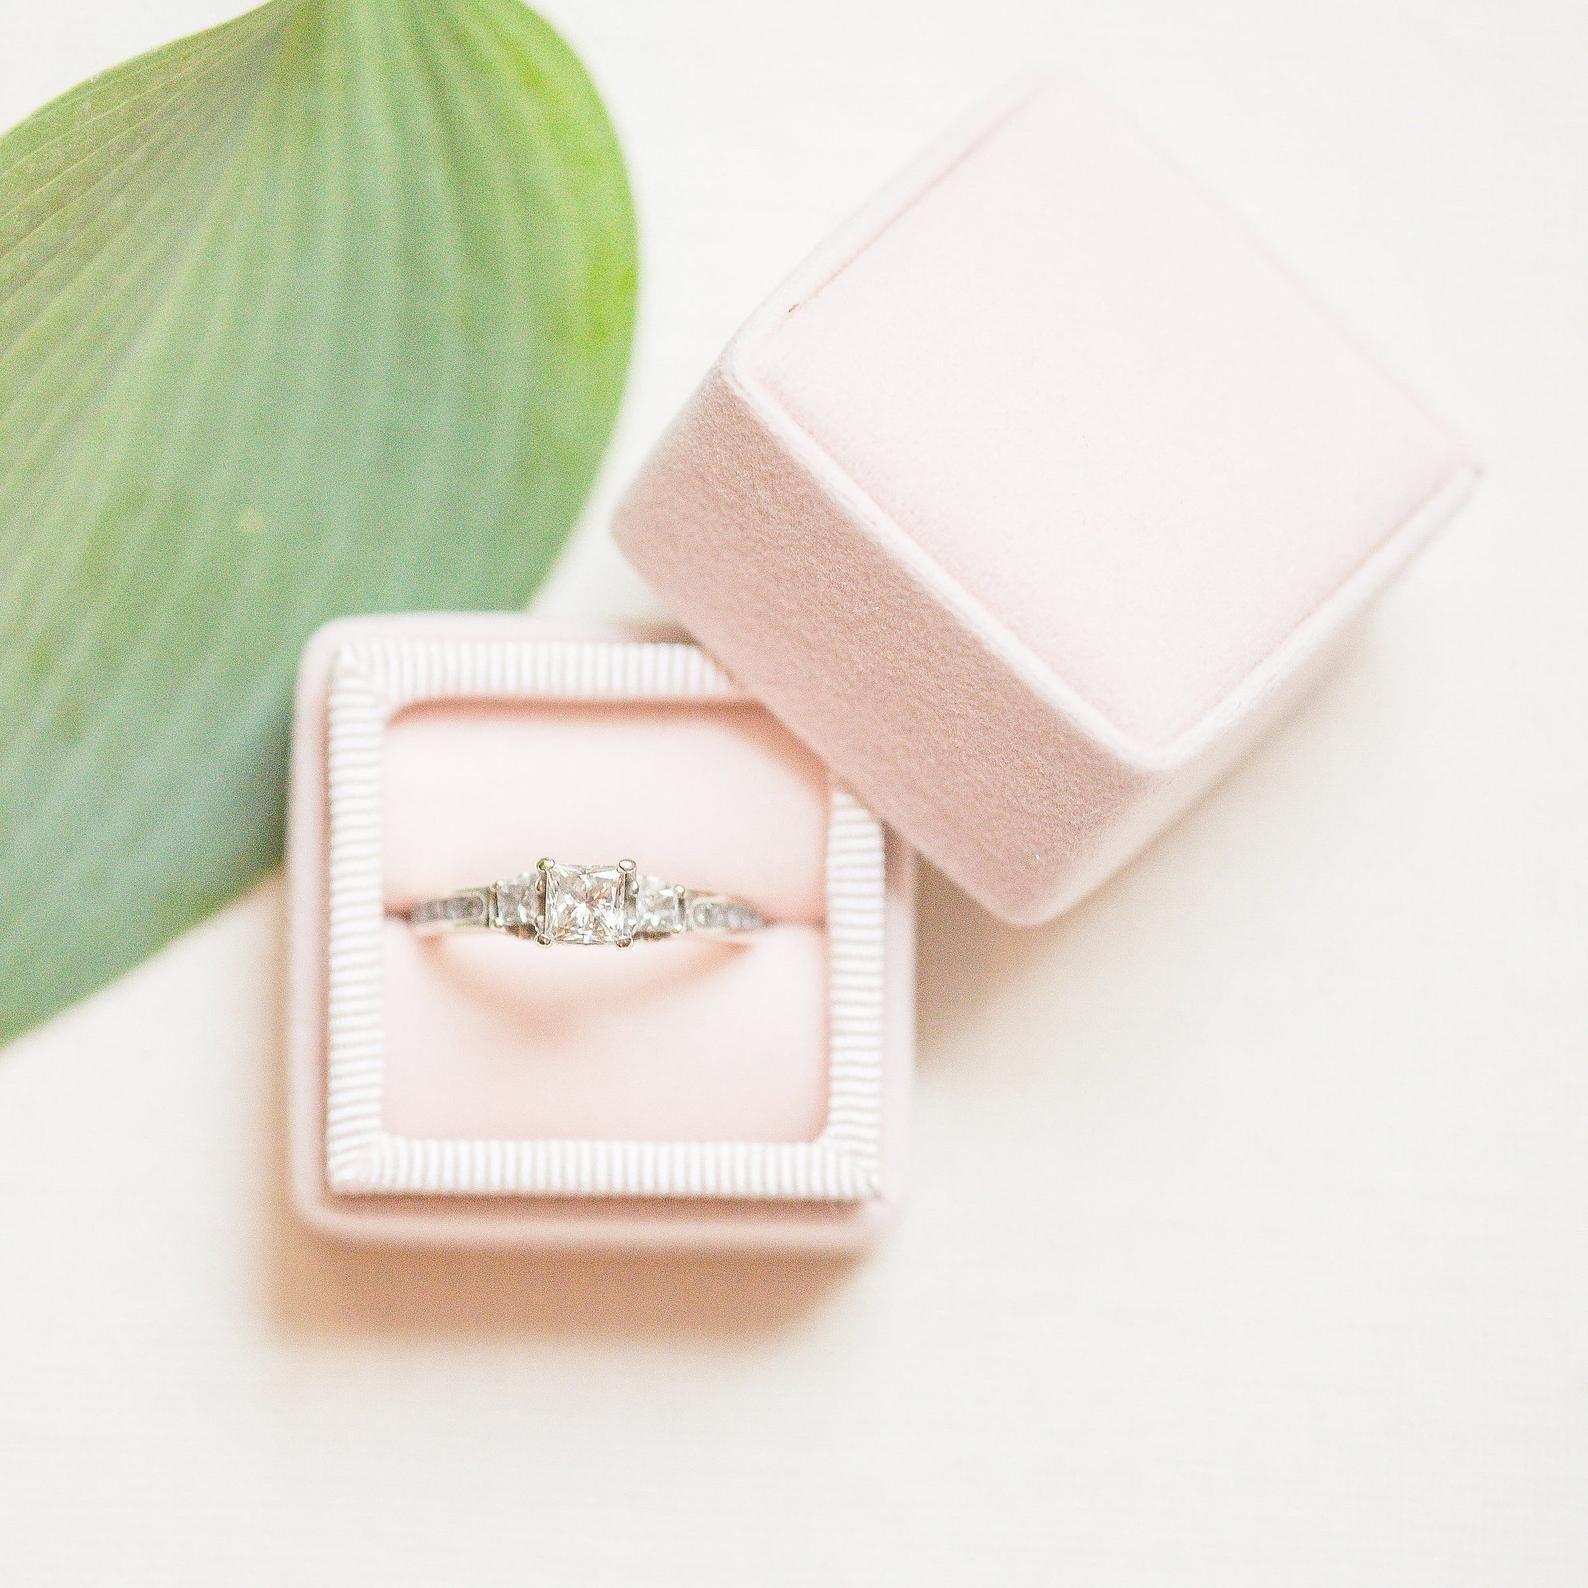 Matte Blush Pink Handmade Ring Box For Wedding Rings Handmade Ring Box Etsy Wedding Rings Vintage Ring Box